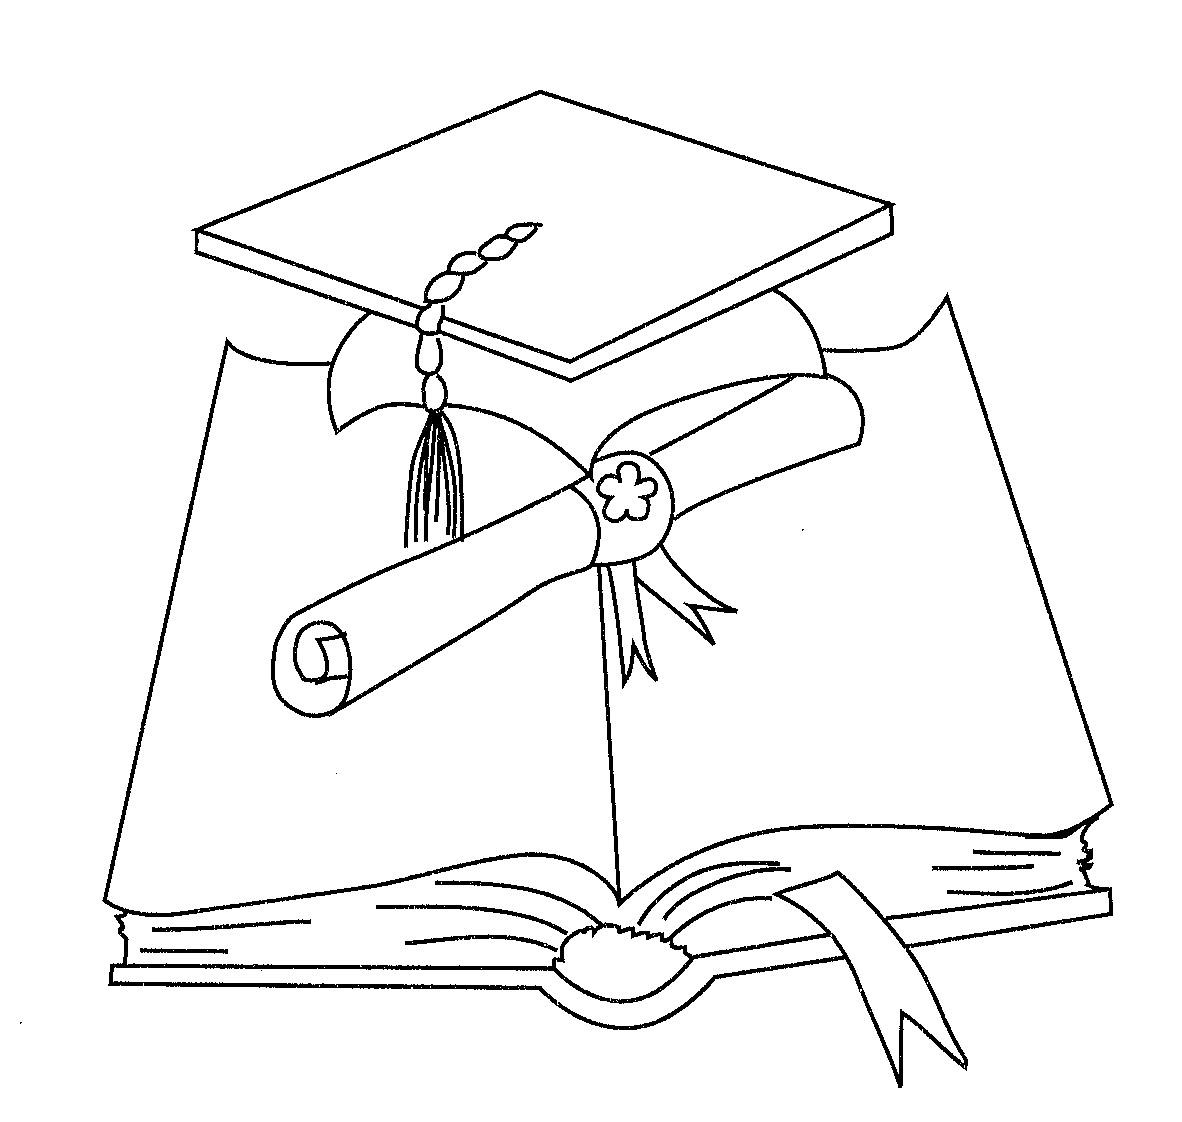 Dibujos birretes graduación para colorear - Imagui